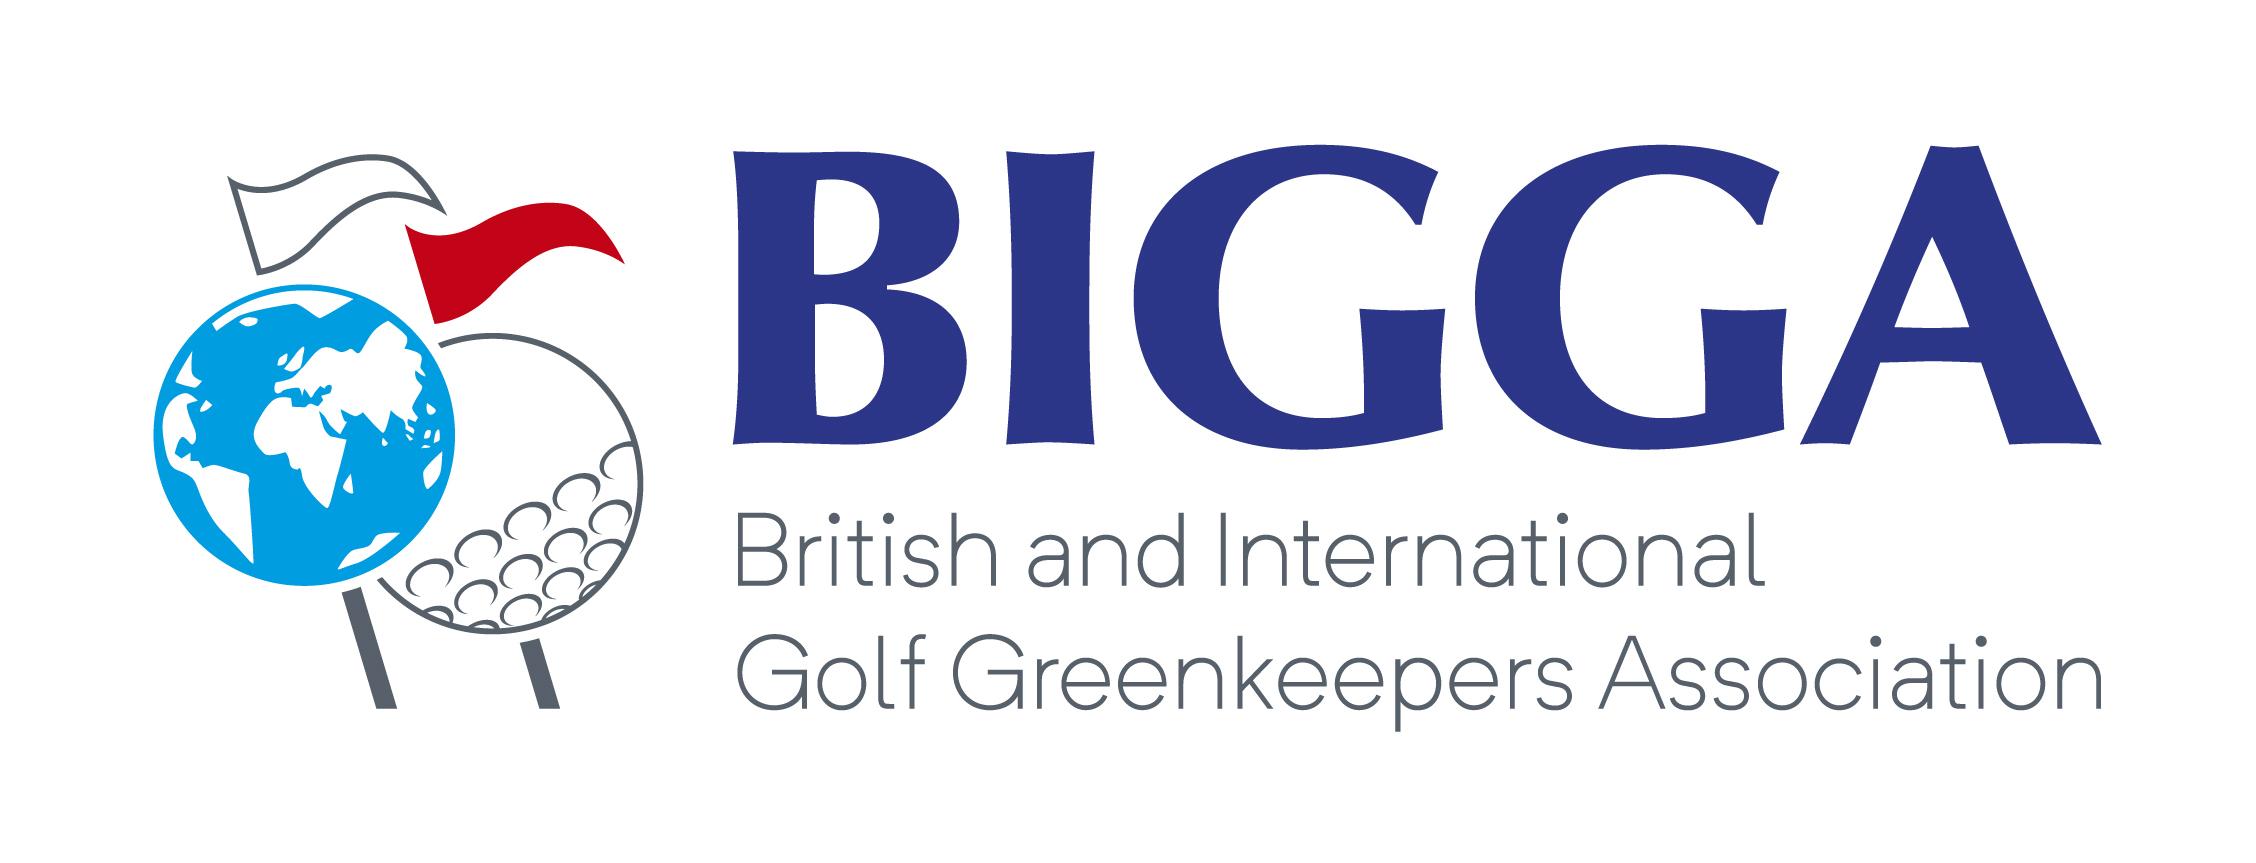 BIGGA Logo LND RGB.jpg